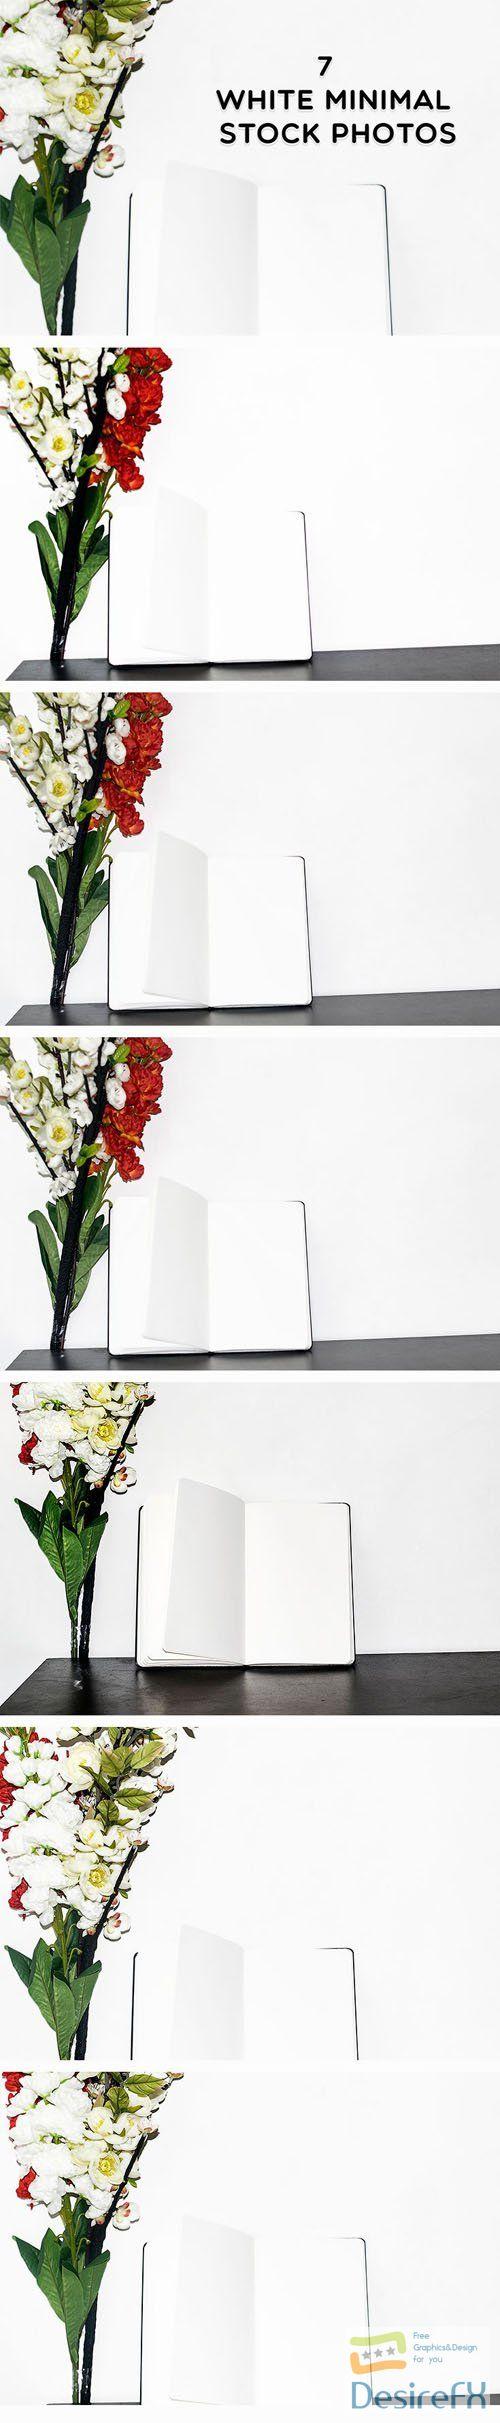 7 White Minimal Floral Stock Photos